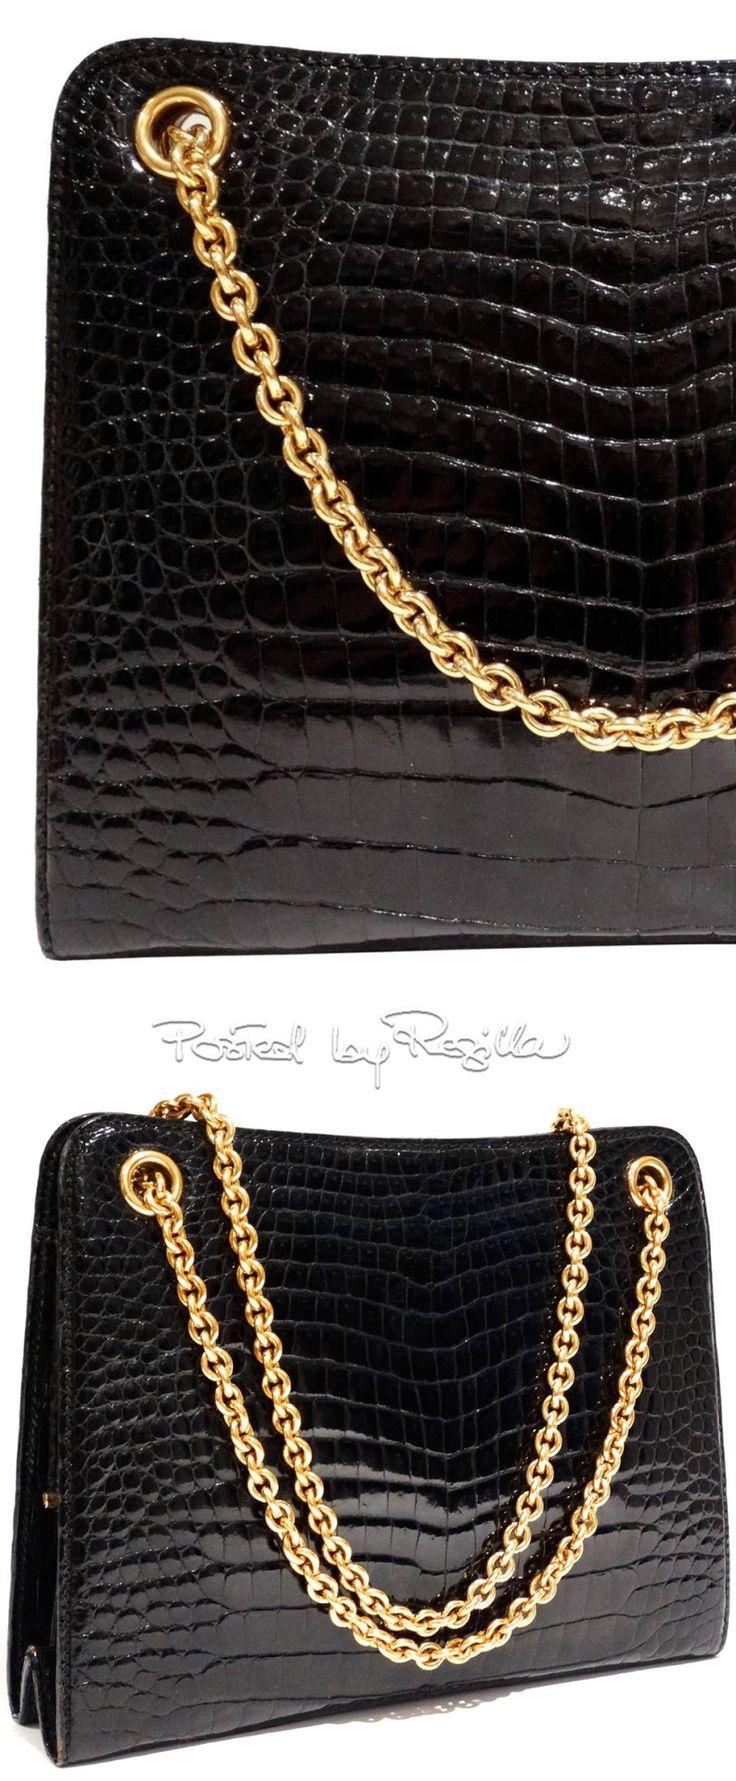 Regilla ⚜ Gucci, Black Crocodile Handbag 1950s